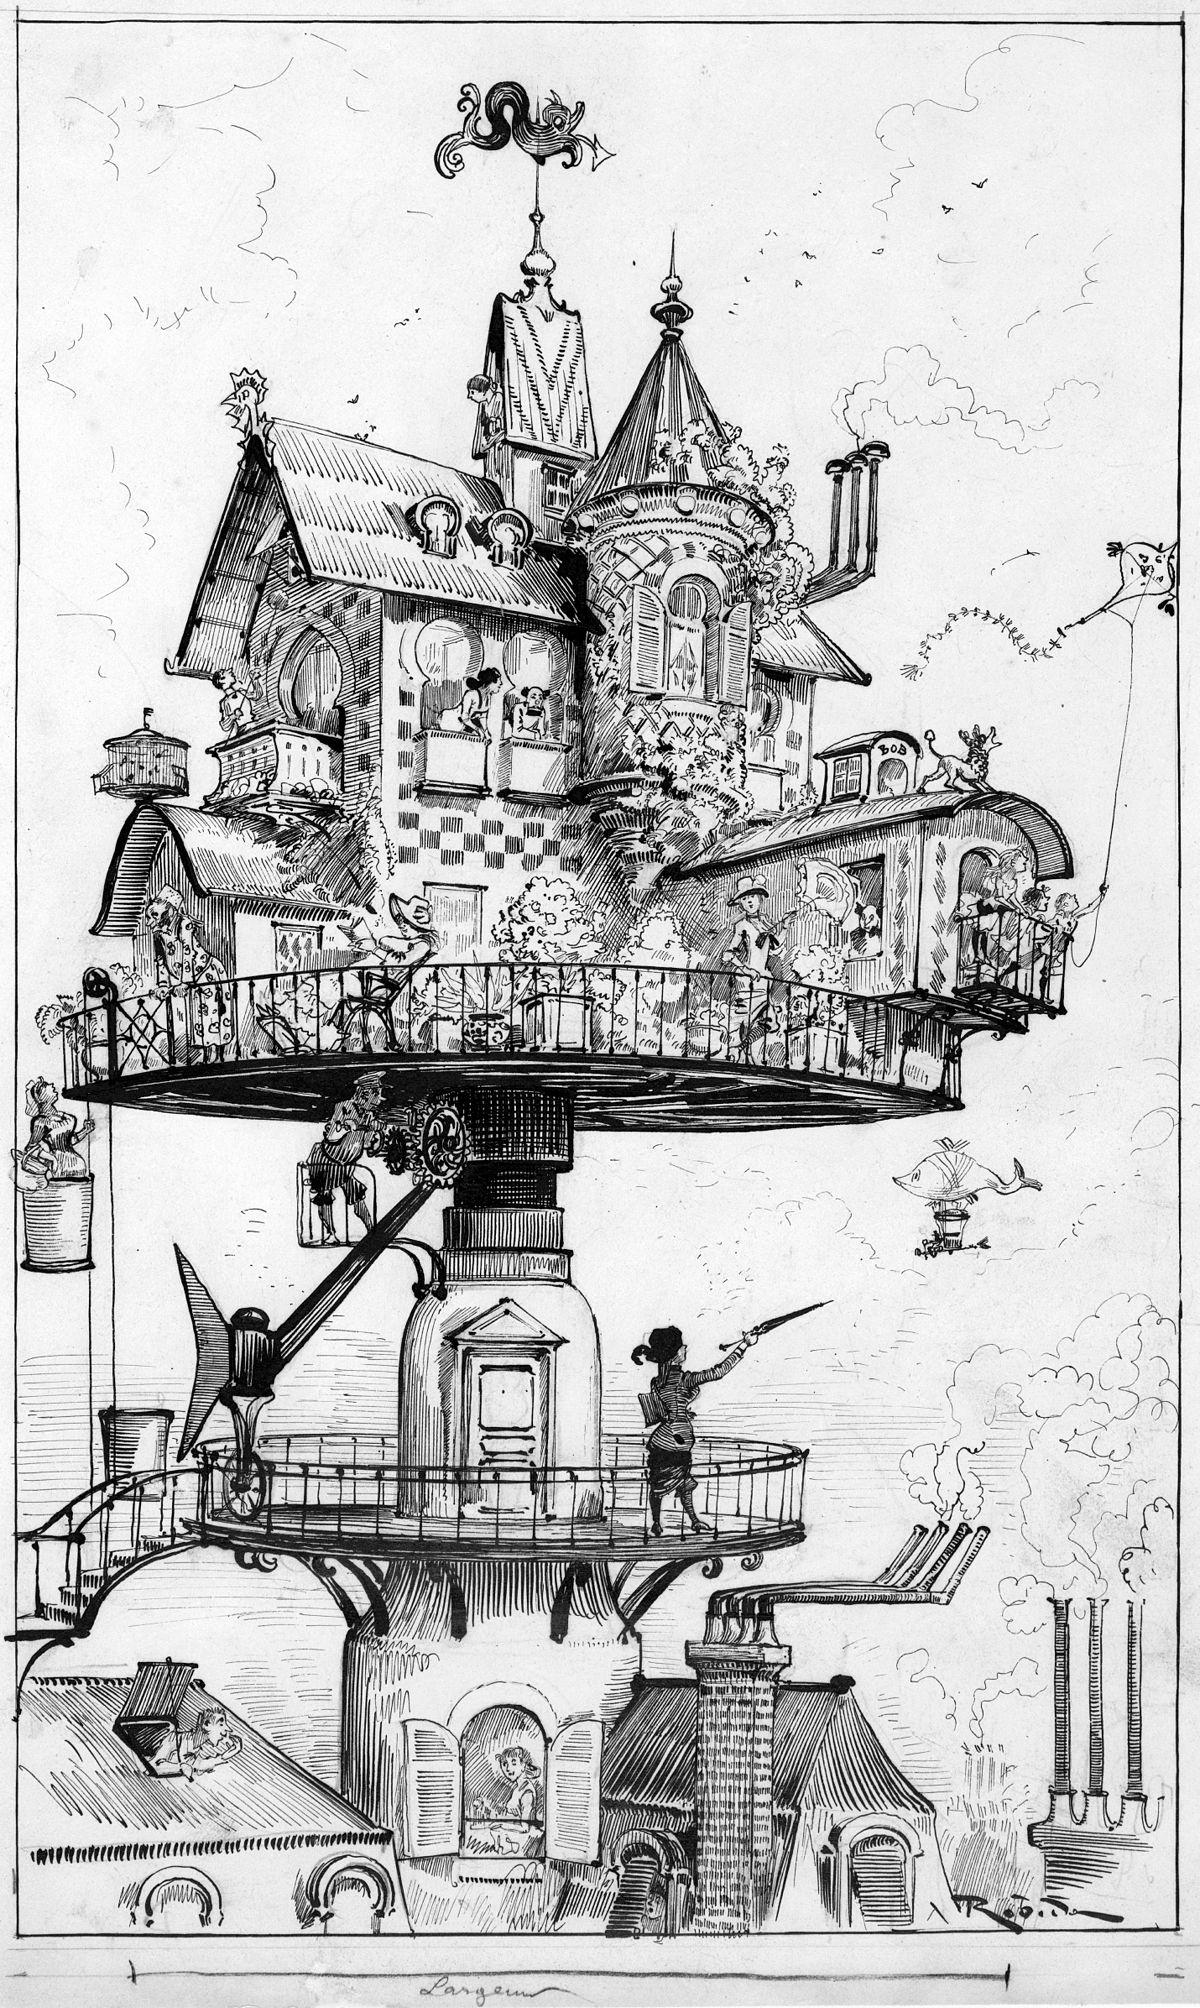 Storia della fantascienza - Wikipedia 4afe3d655ff